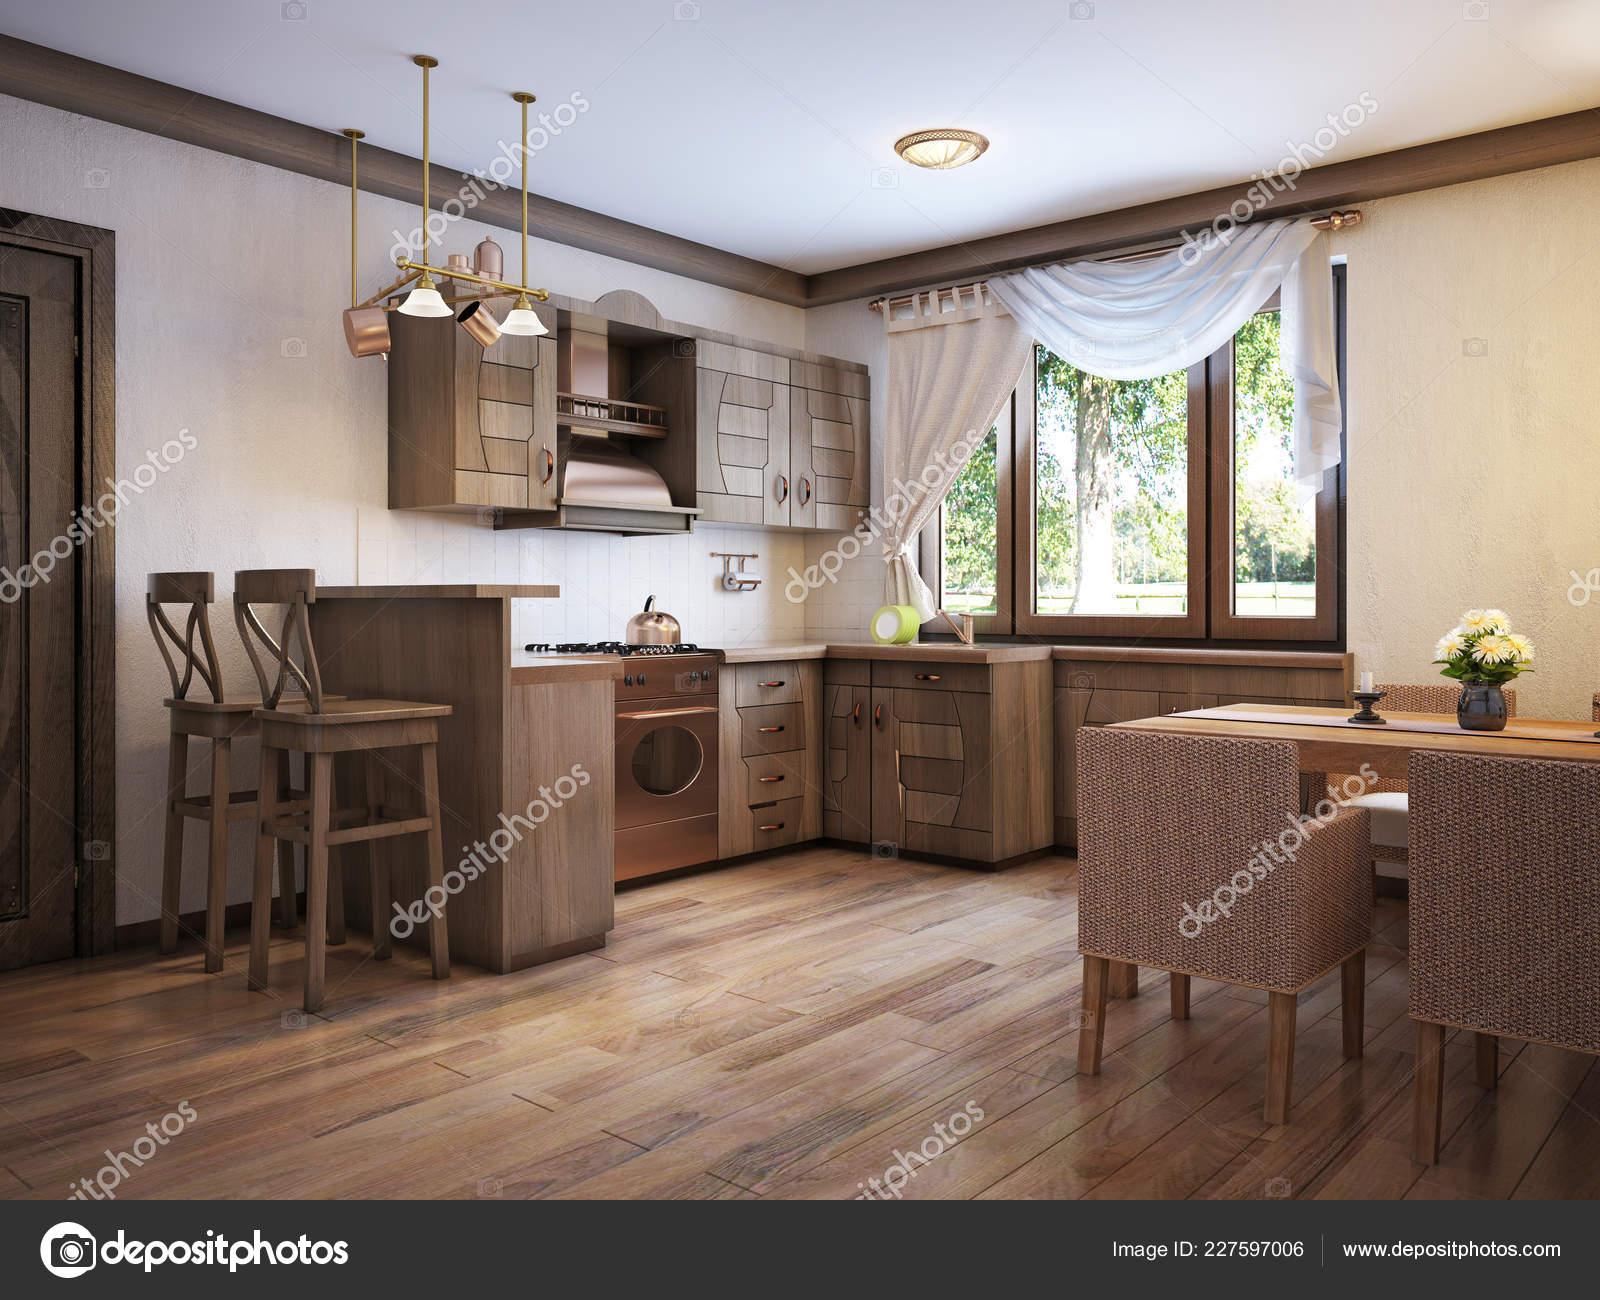 Cucina Stile Rustico Con Tavolo Pranzo Mobili Legno ...